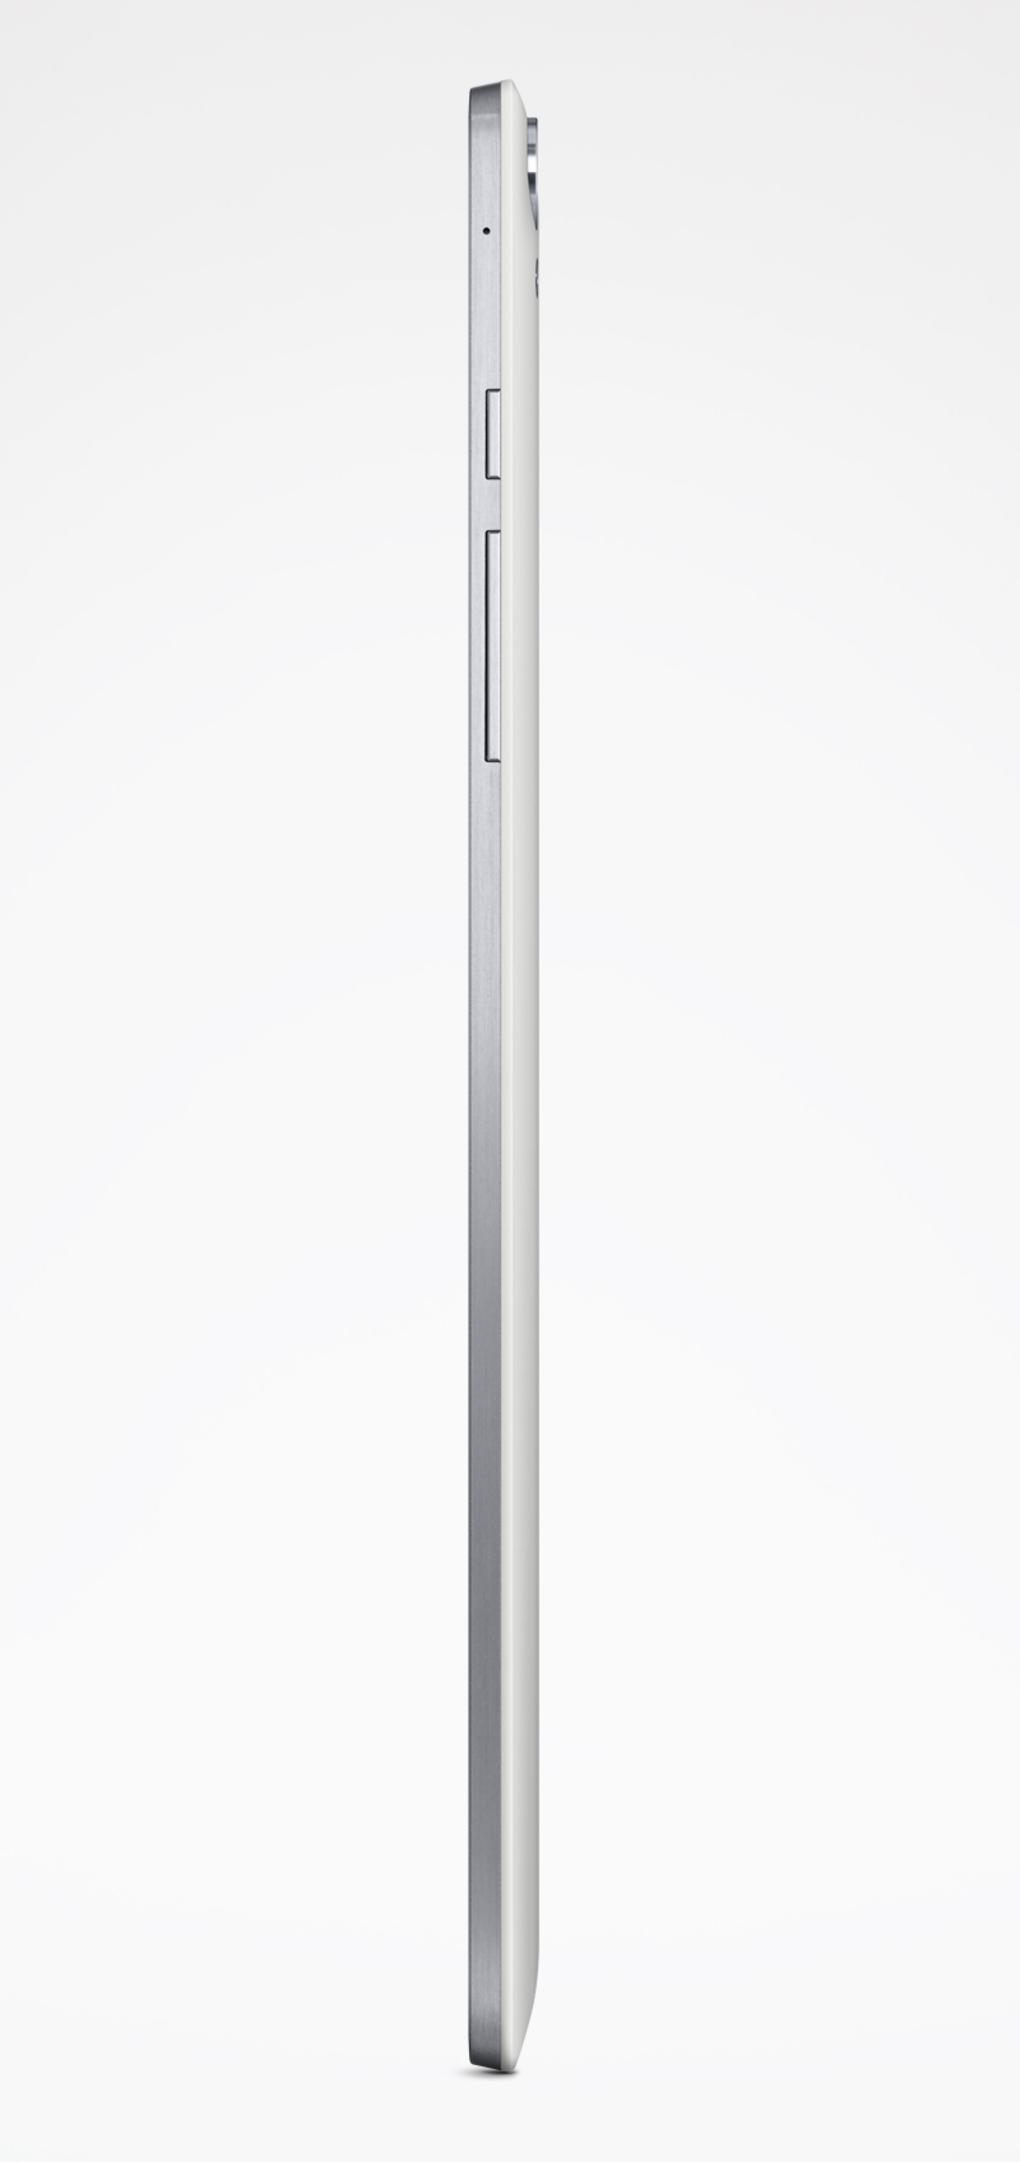 N9-grid3_verge_super_wide